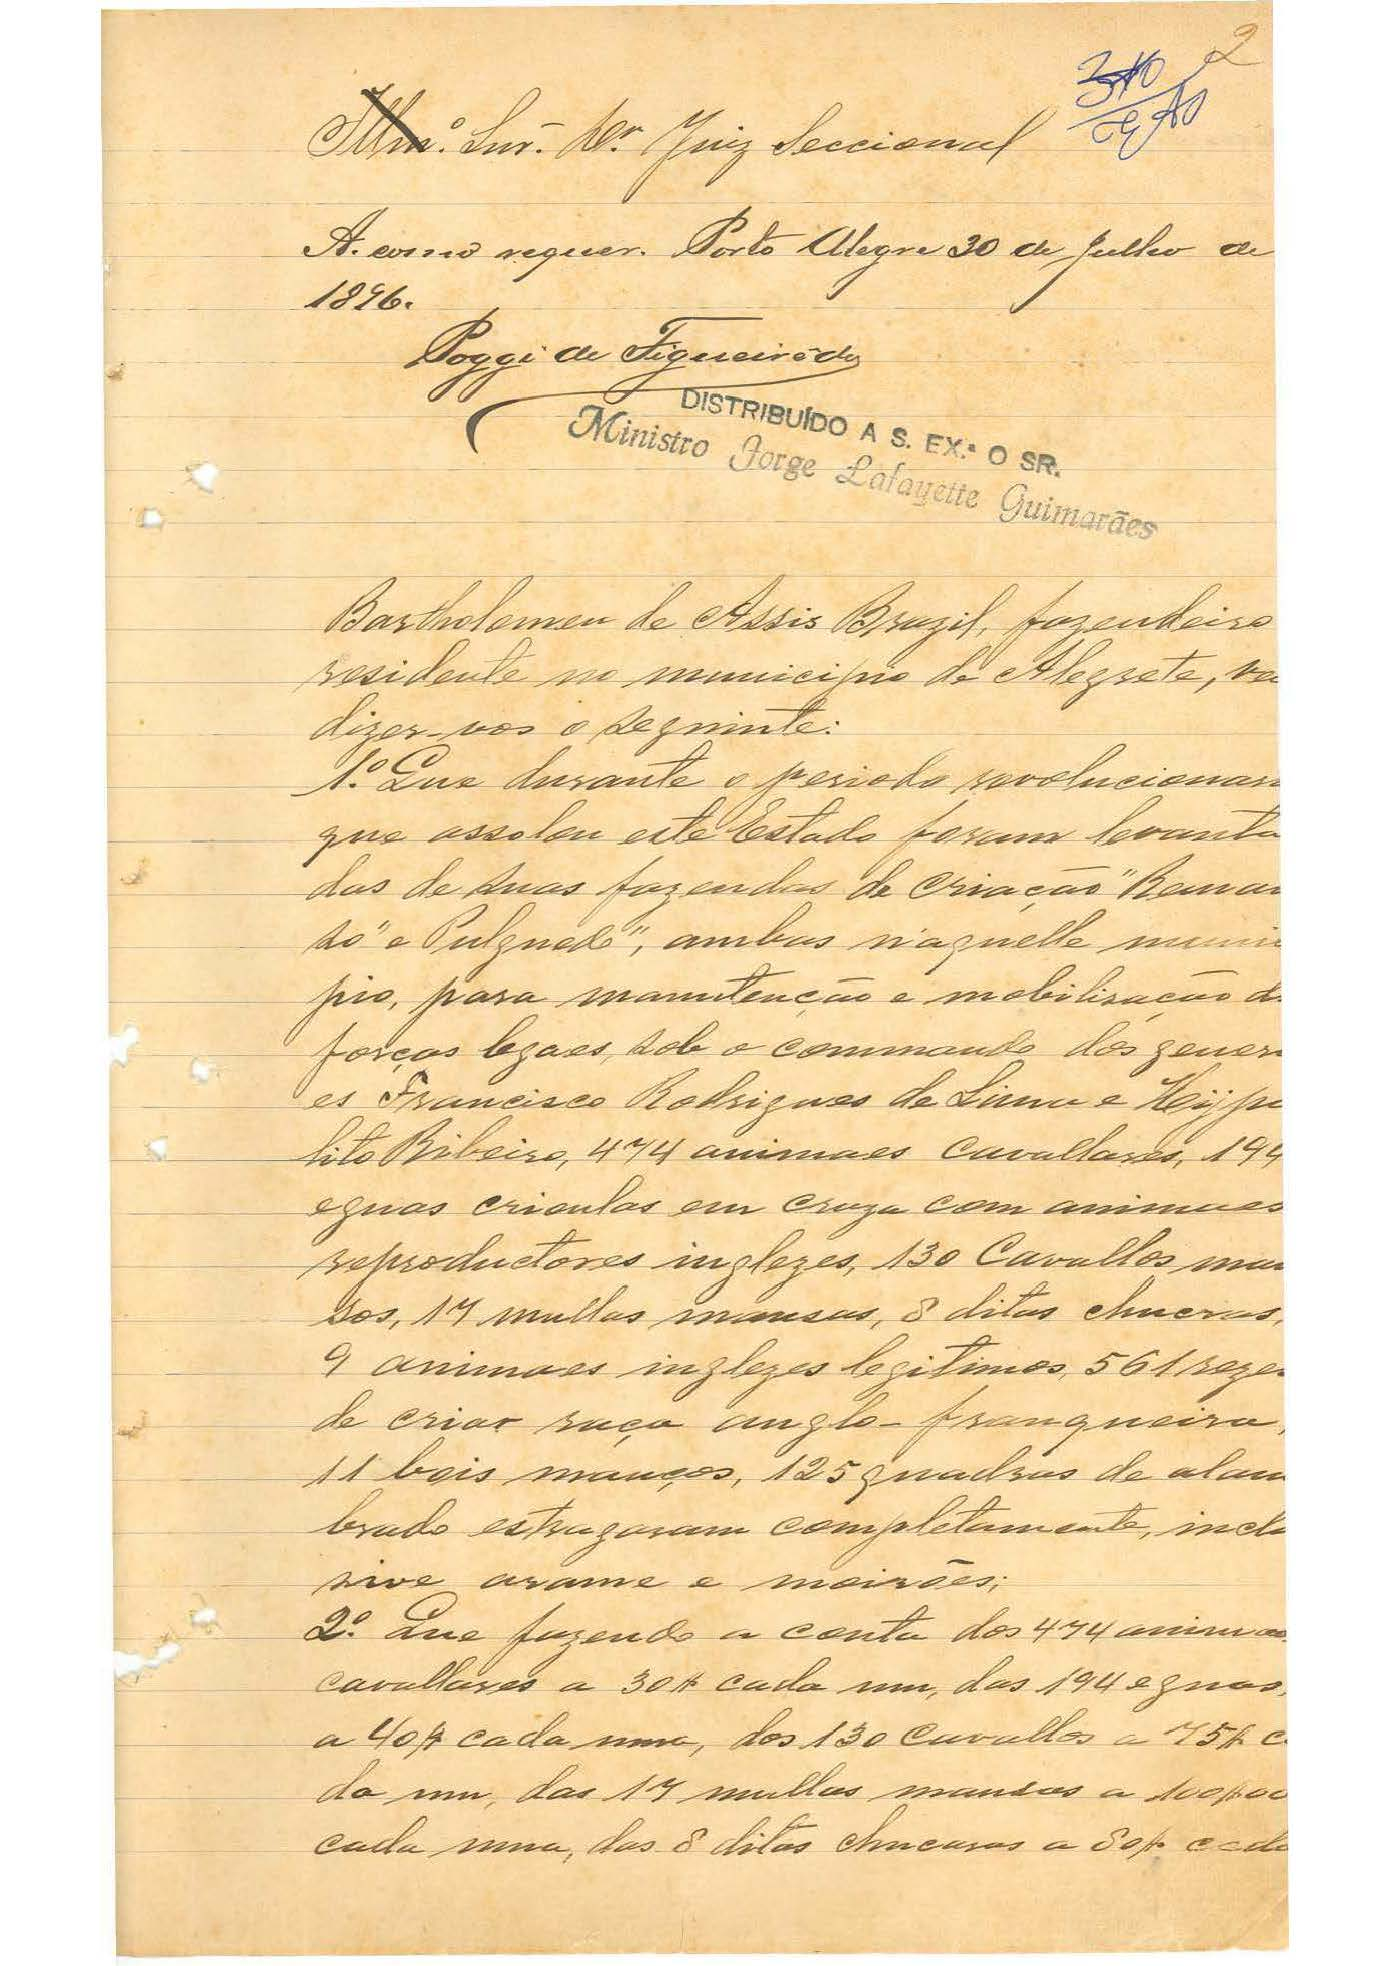 Processo Histórico. Autuado em 1896. Bartholomeu de Assis Brazil contra a União Federal.